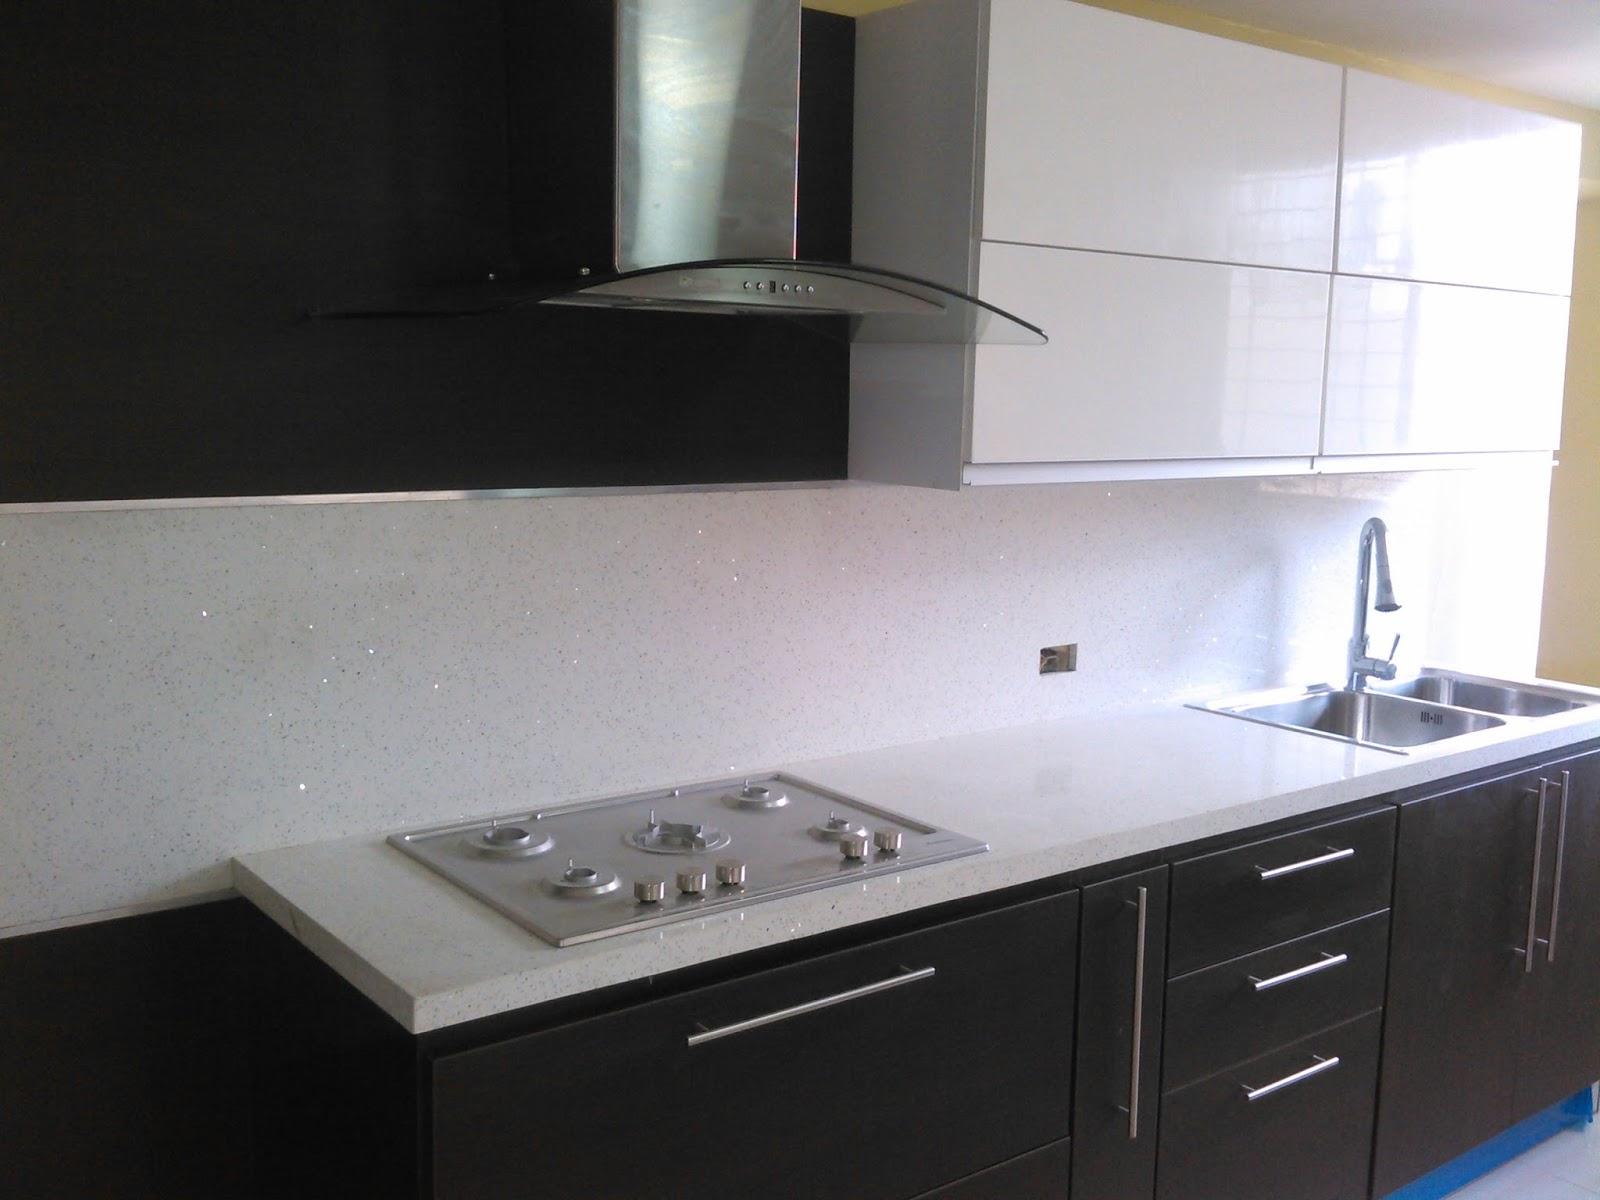 Muebles de cocinas en valencia hd 1080p 4k foto - Cocinas en valencia ...